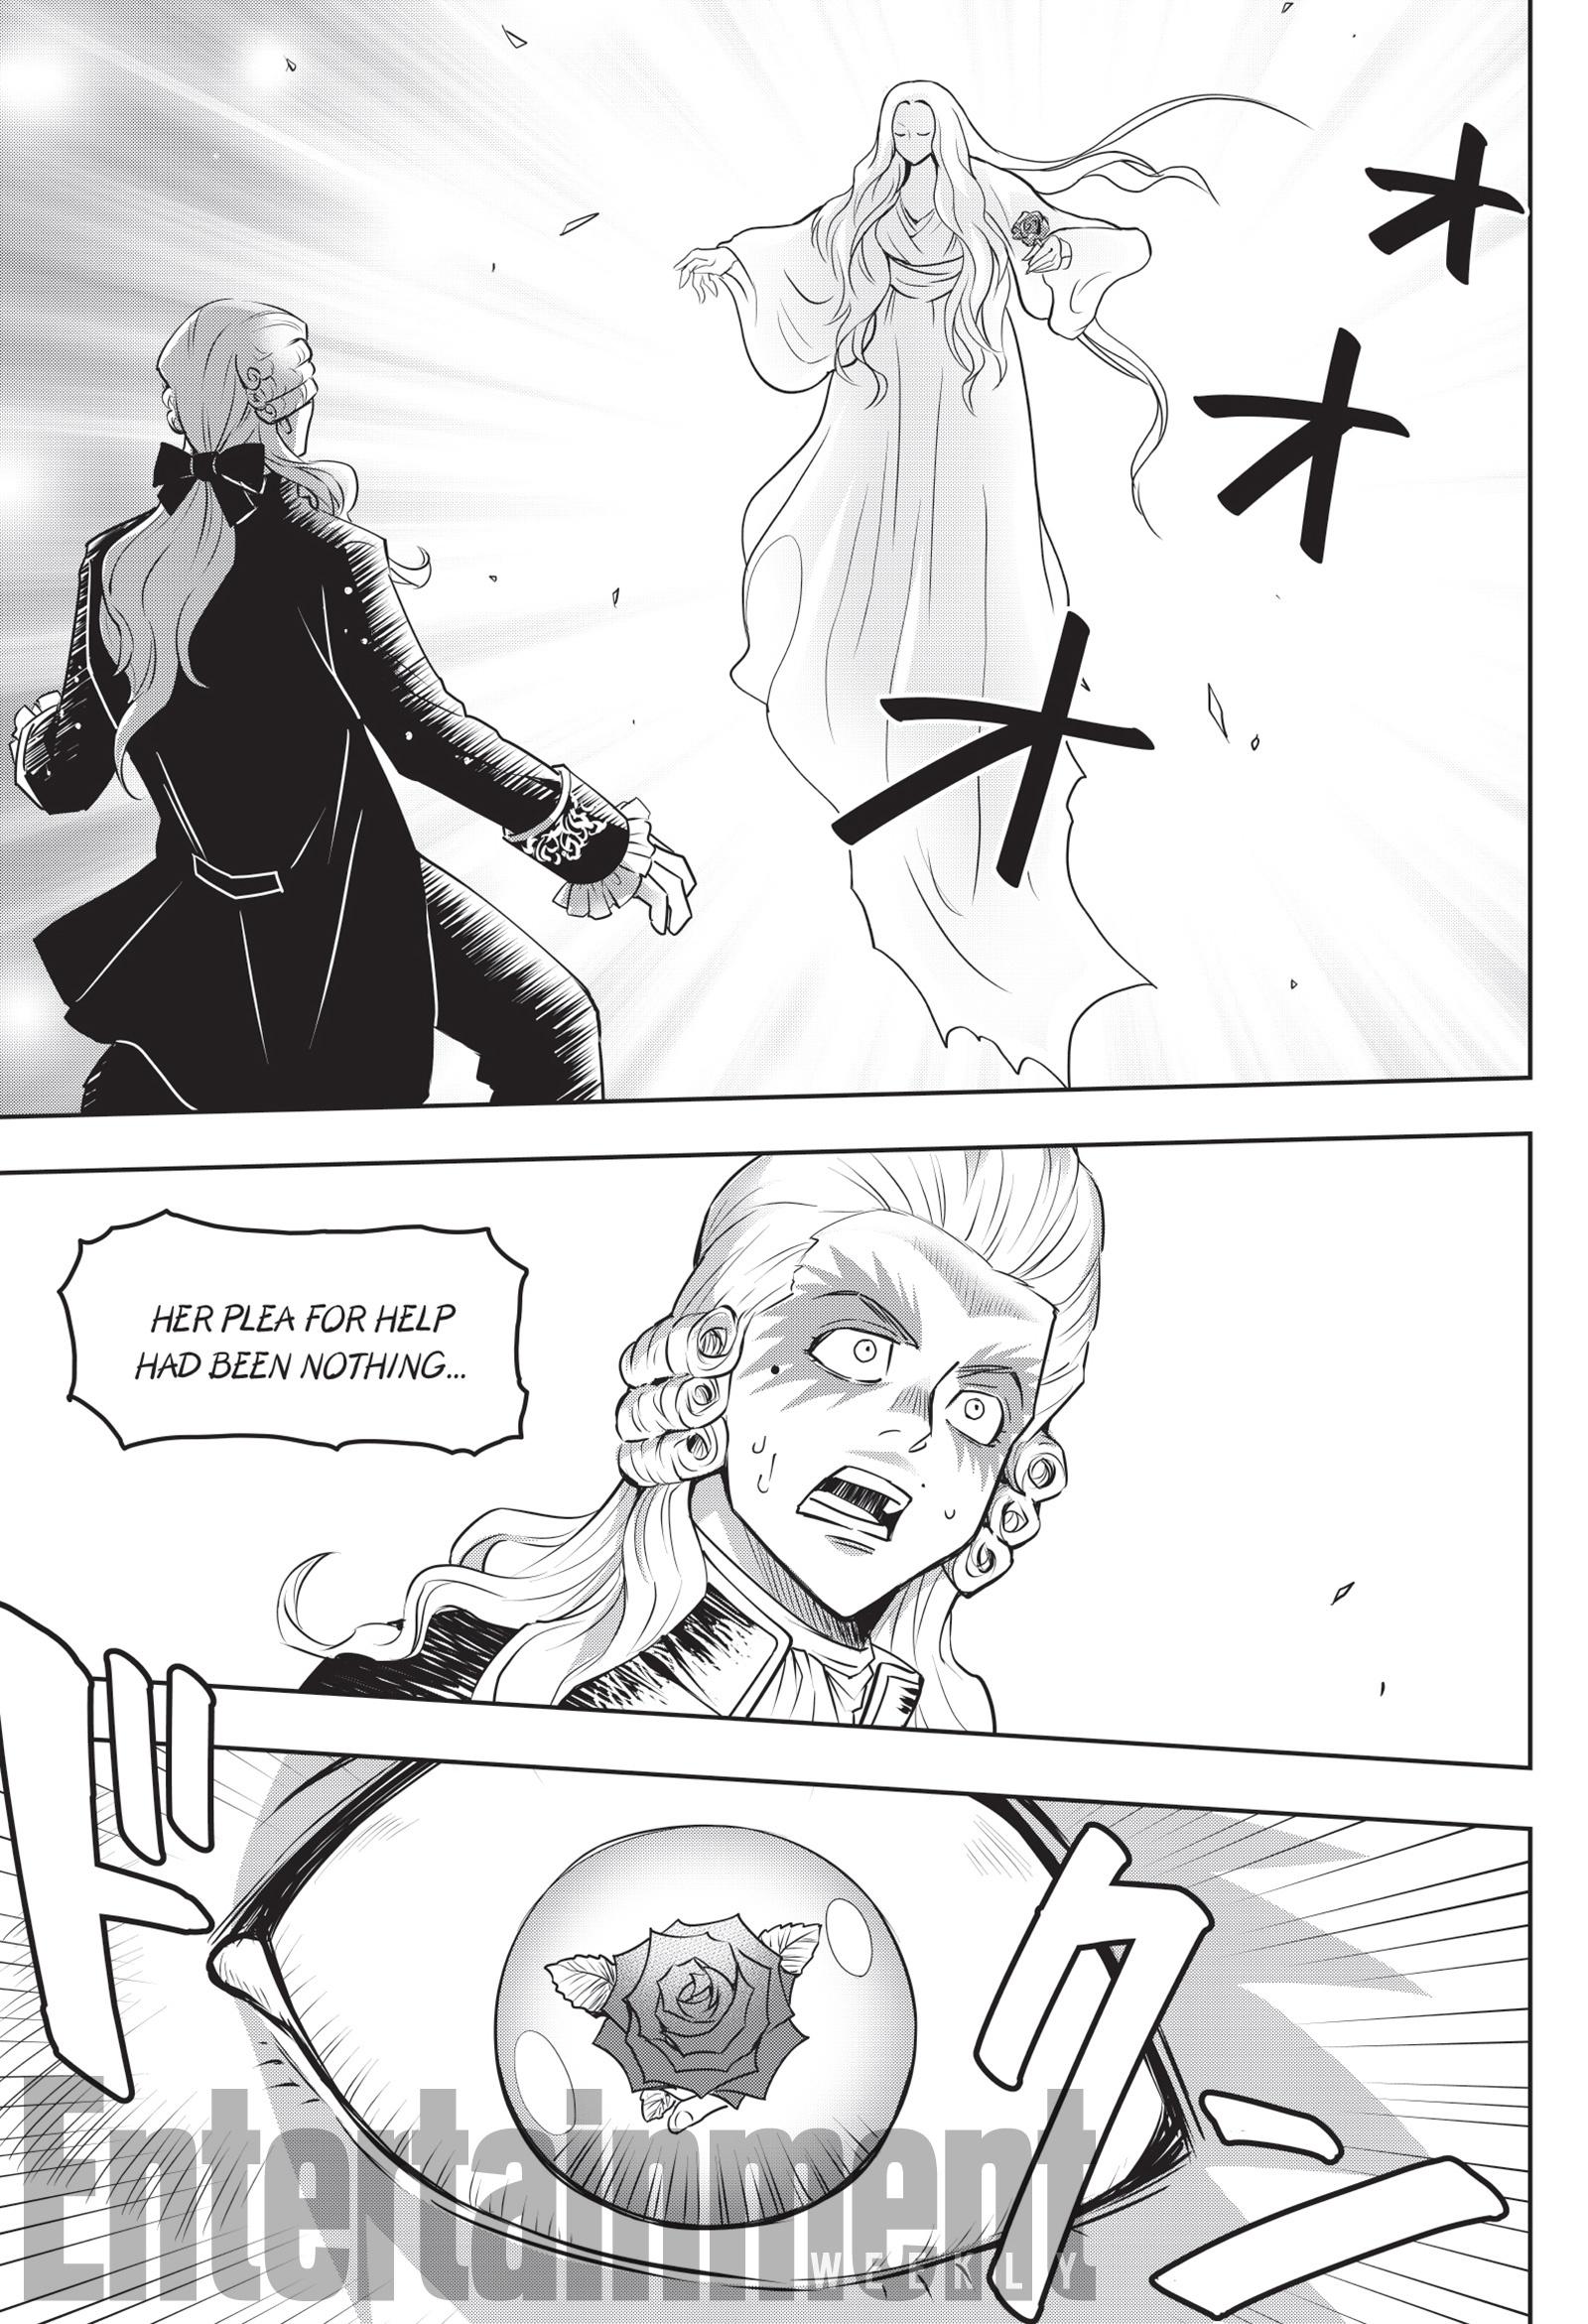 manga della bella e la bestia (8)